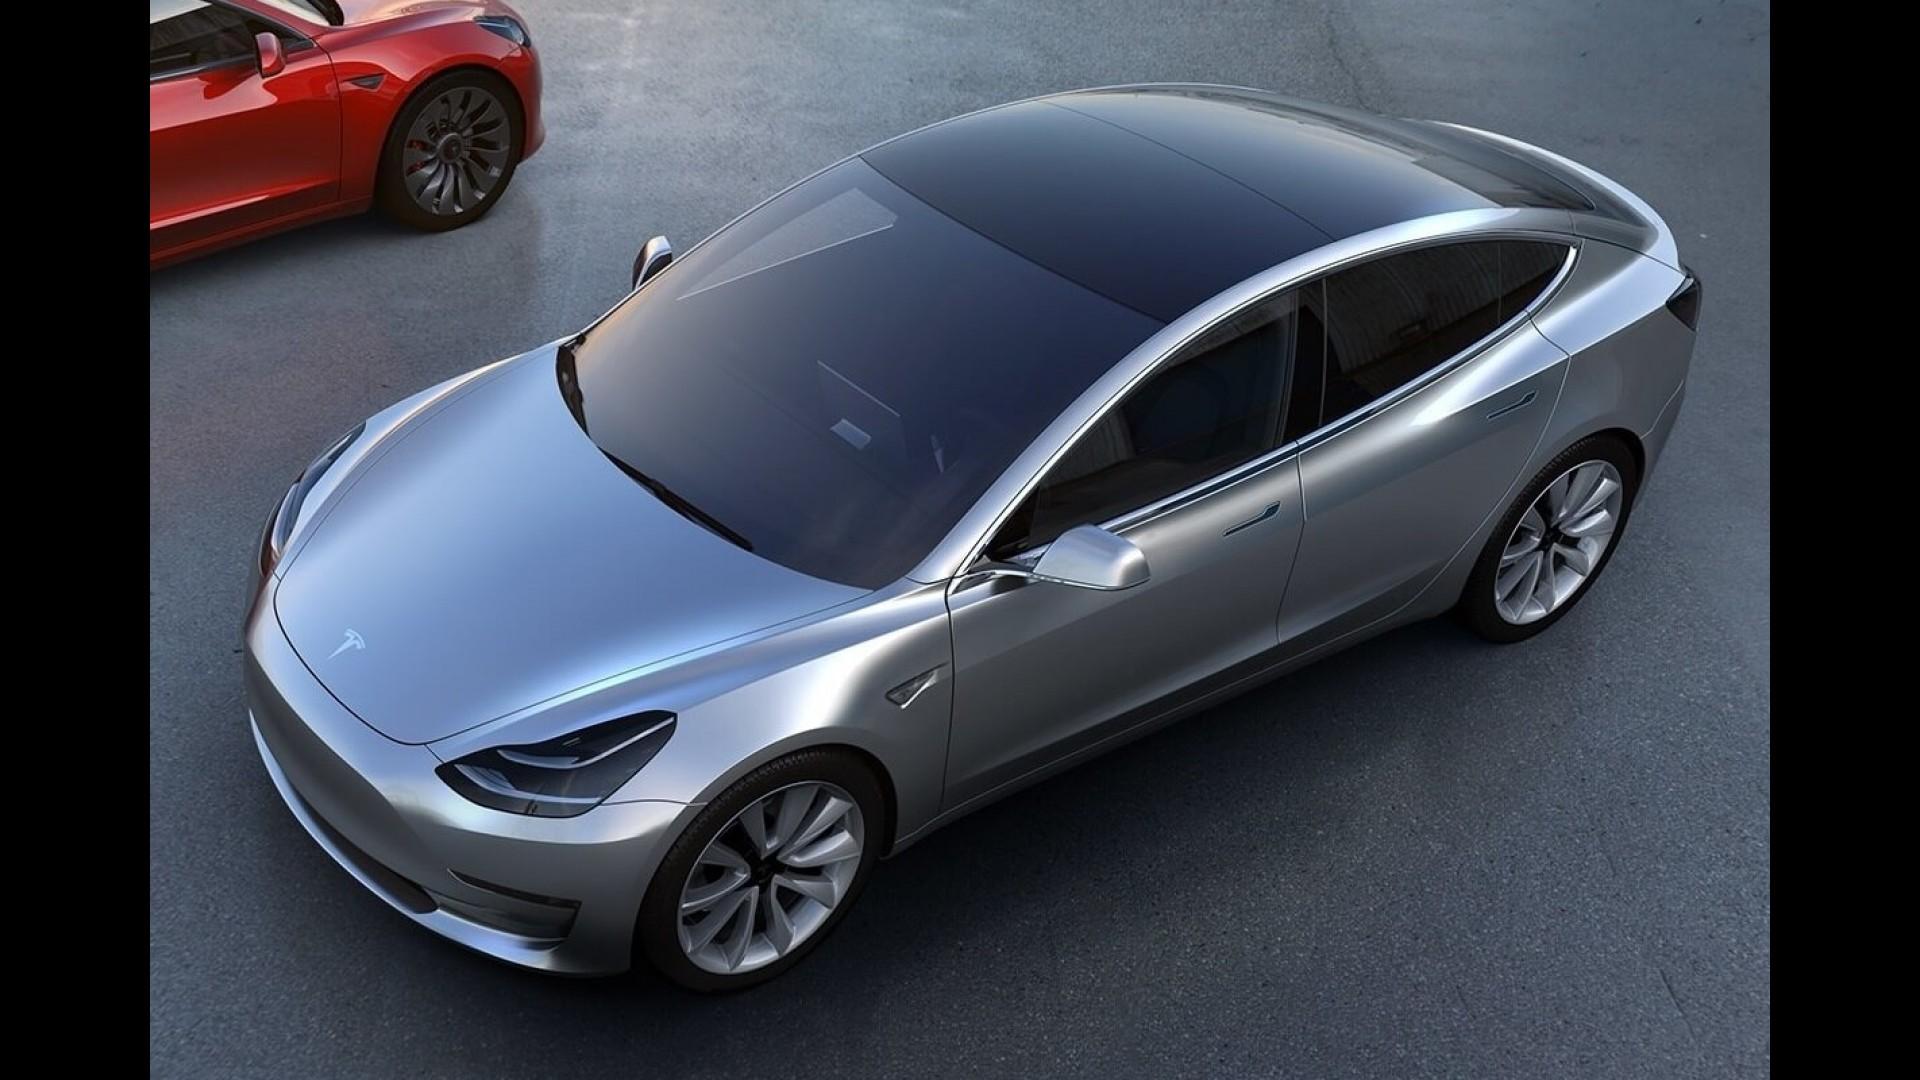 Электромобиль Tesla Model 3 2017 модельного года: фото ...